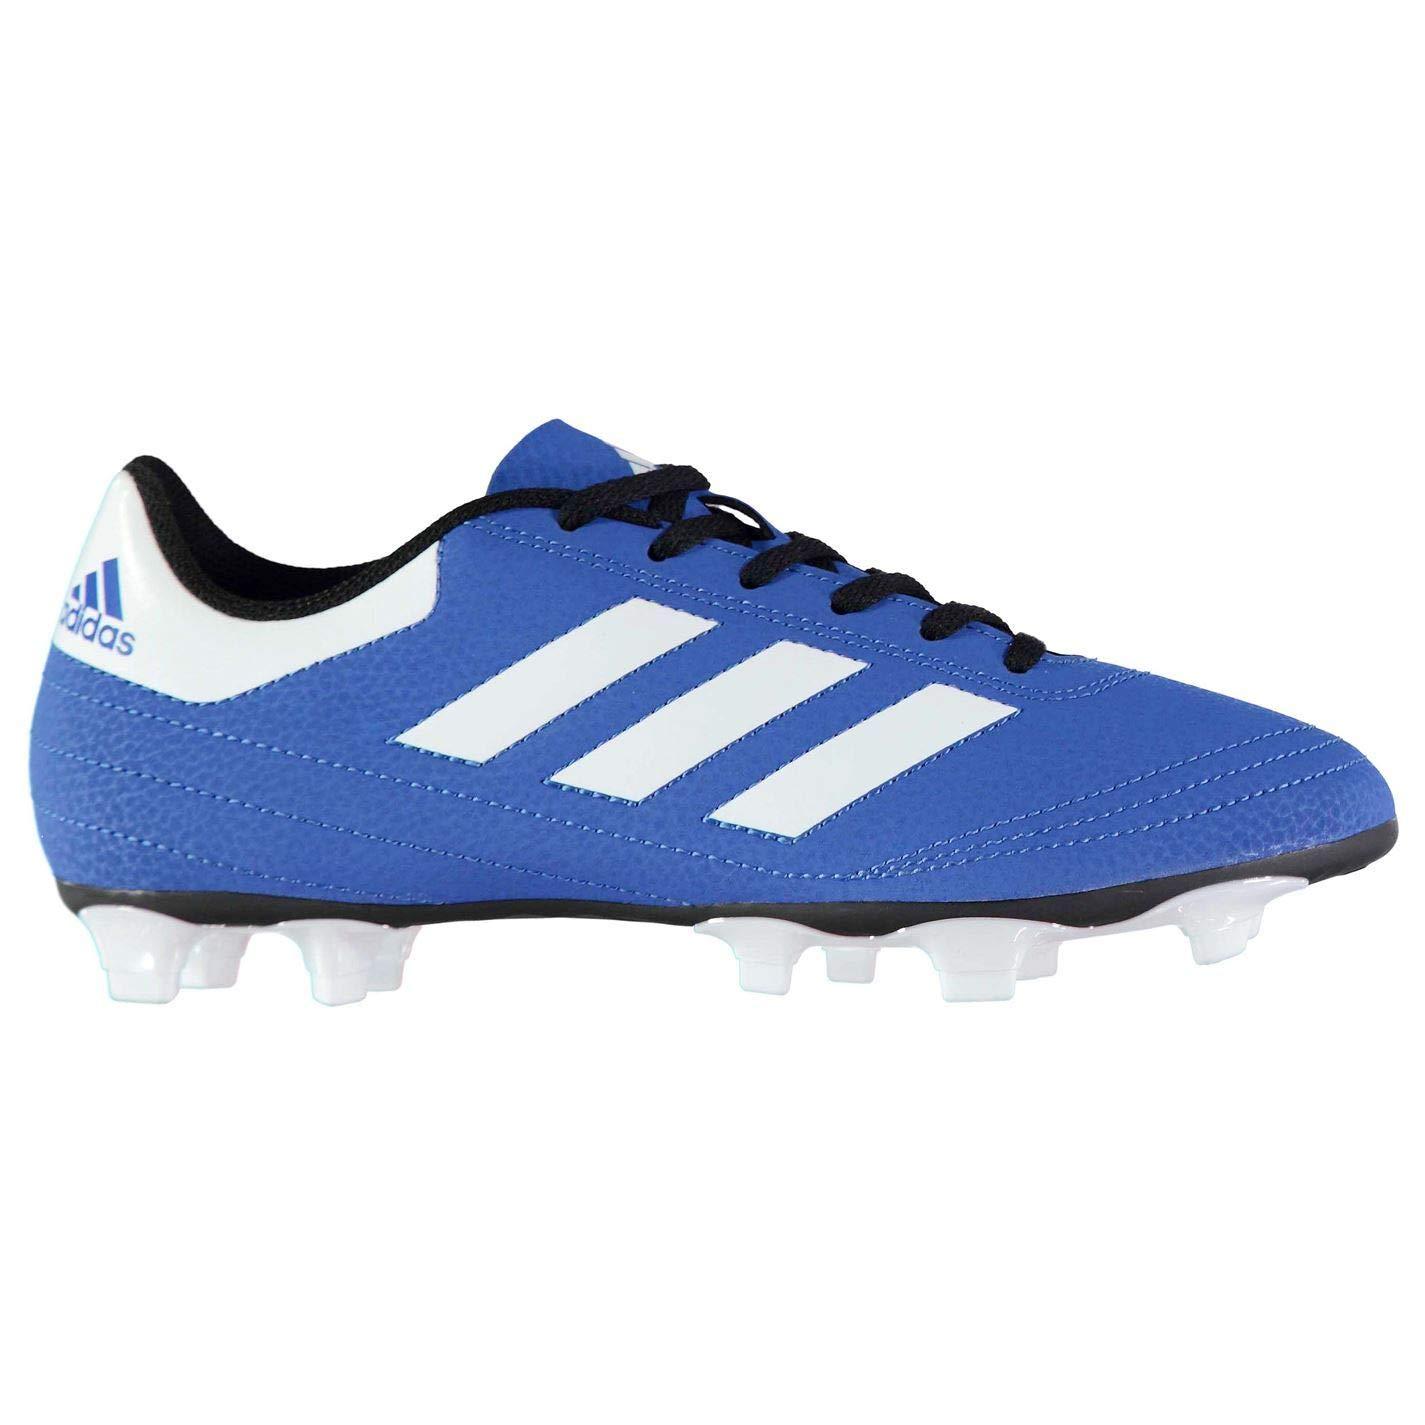 Adida Goletto FG Fußballschuhe für Herren, Blau Weiß